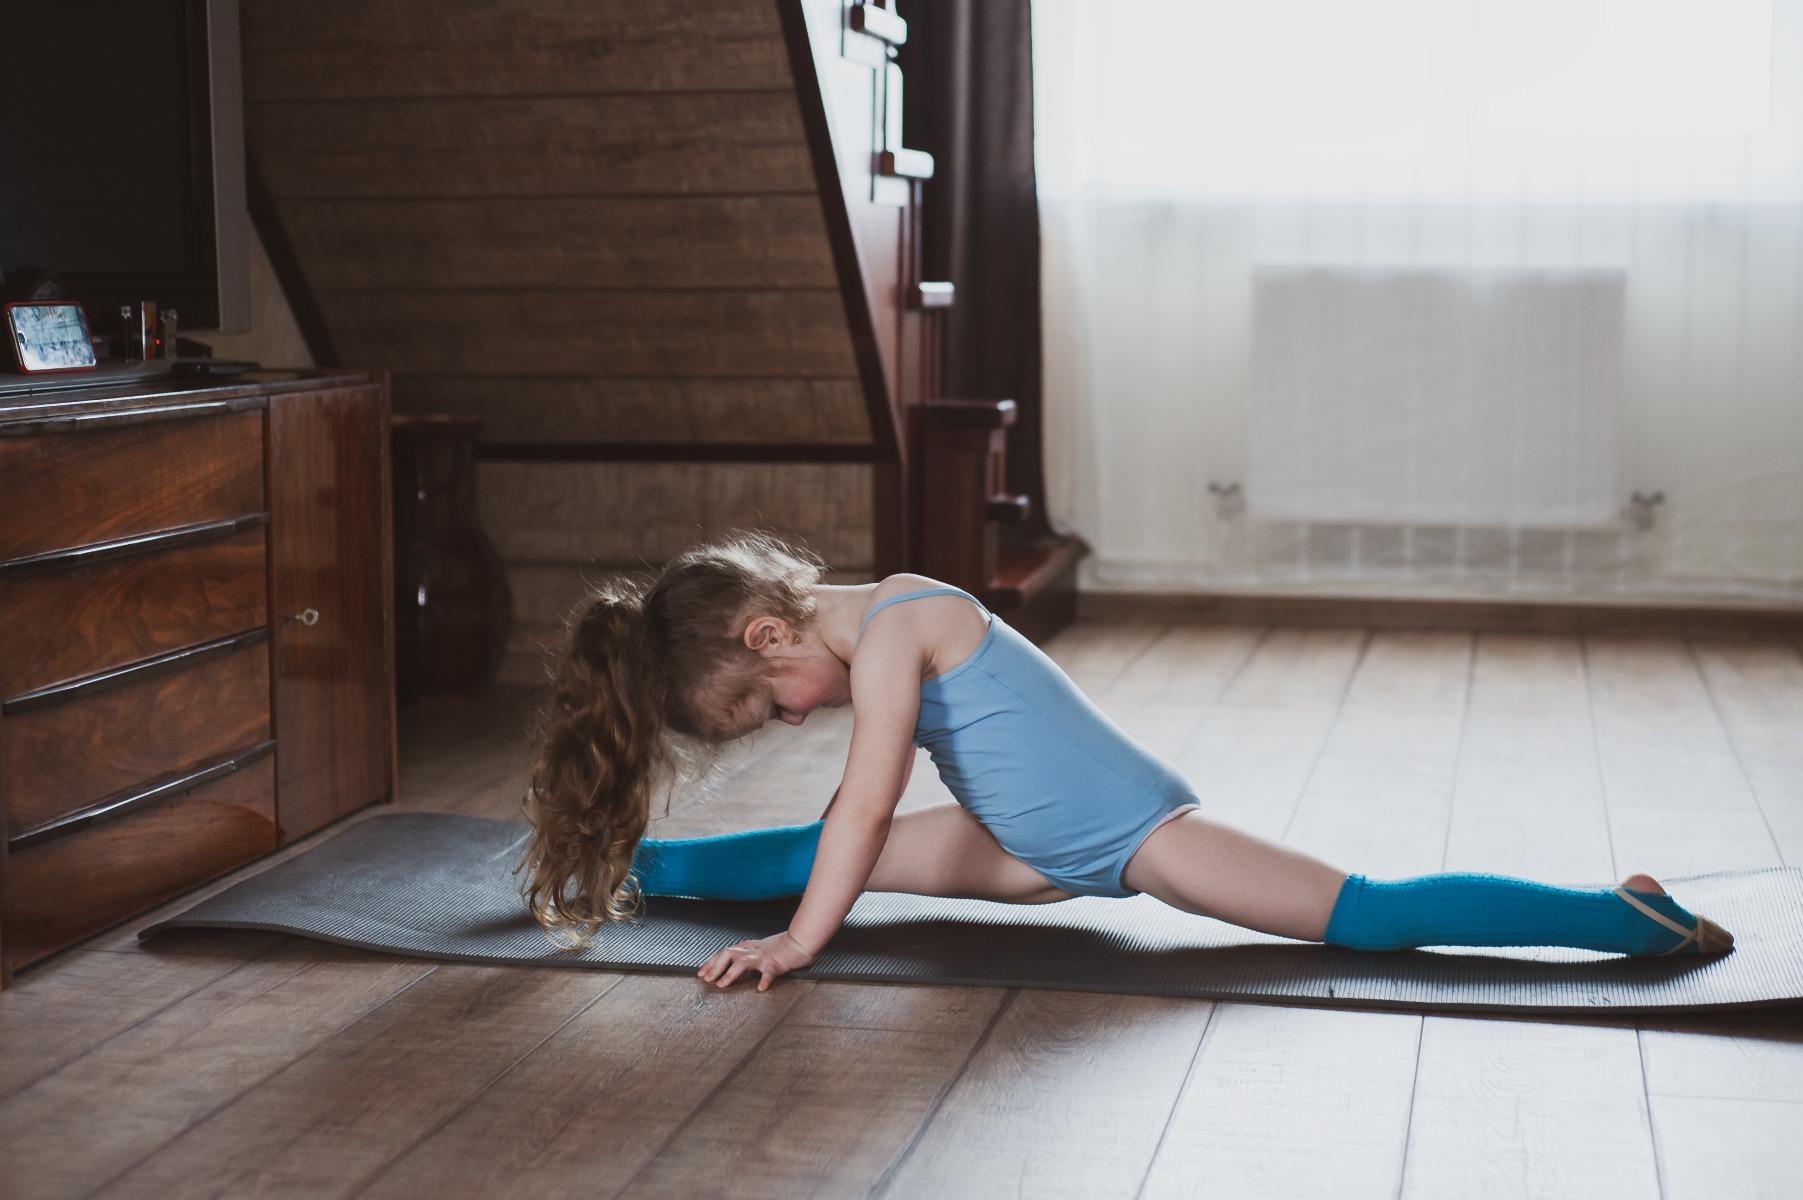 girl doing splits